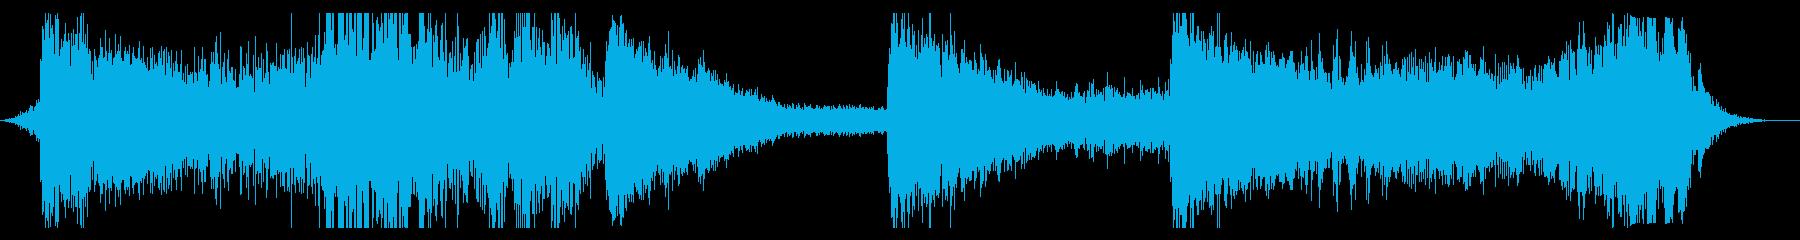 スペースドローン:メタリックランドの再生済みの波形